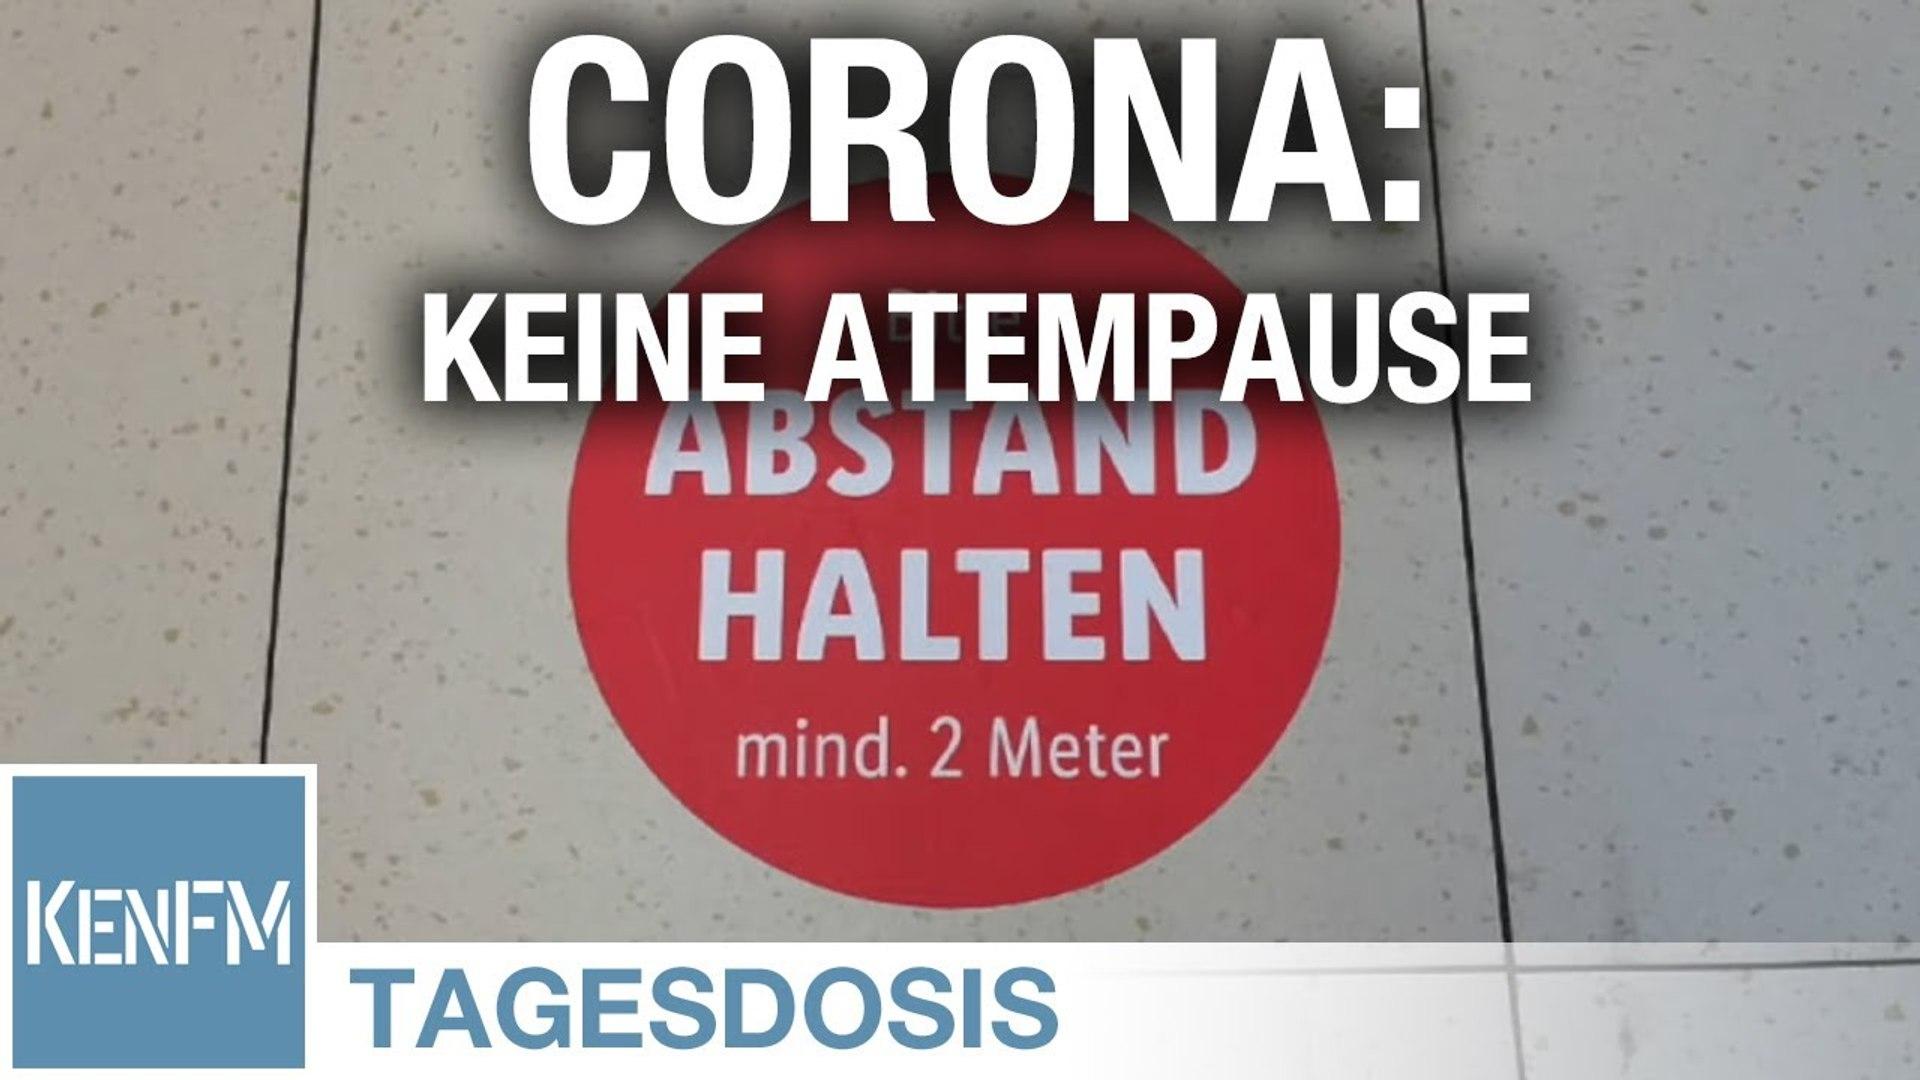 Tagesdosis 16.5.2020 - Corona - Keine Atempause, Geschichte wird gemacht, es geht voran!